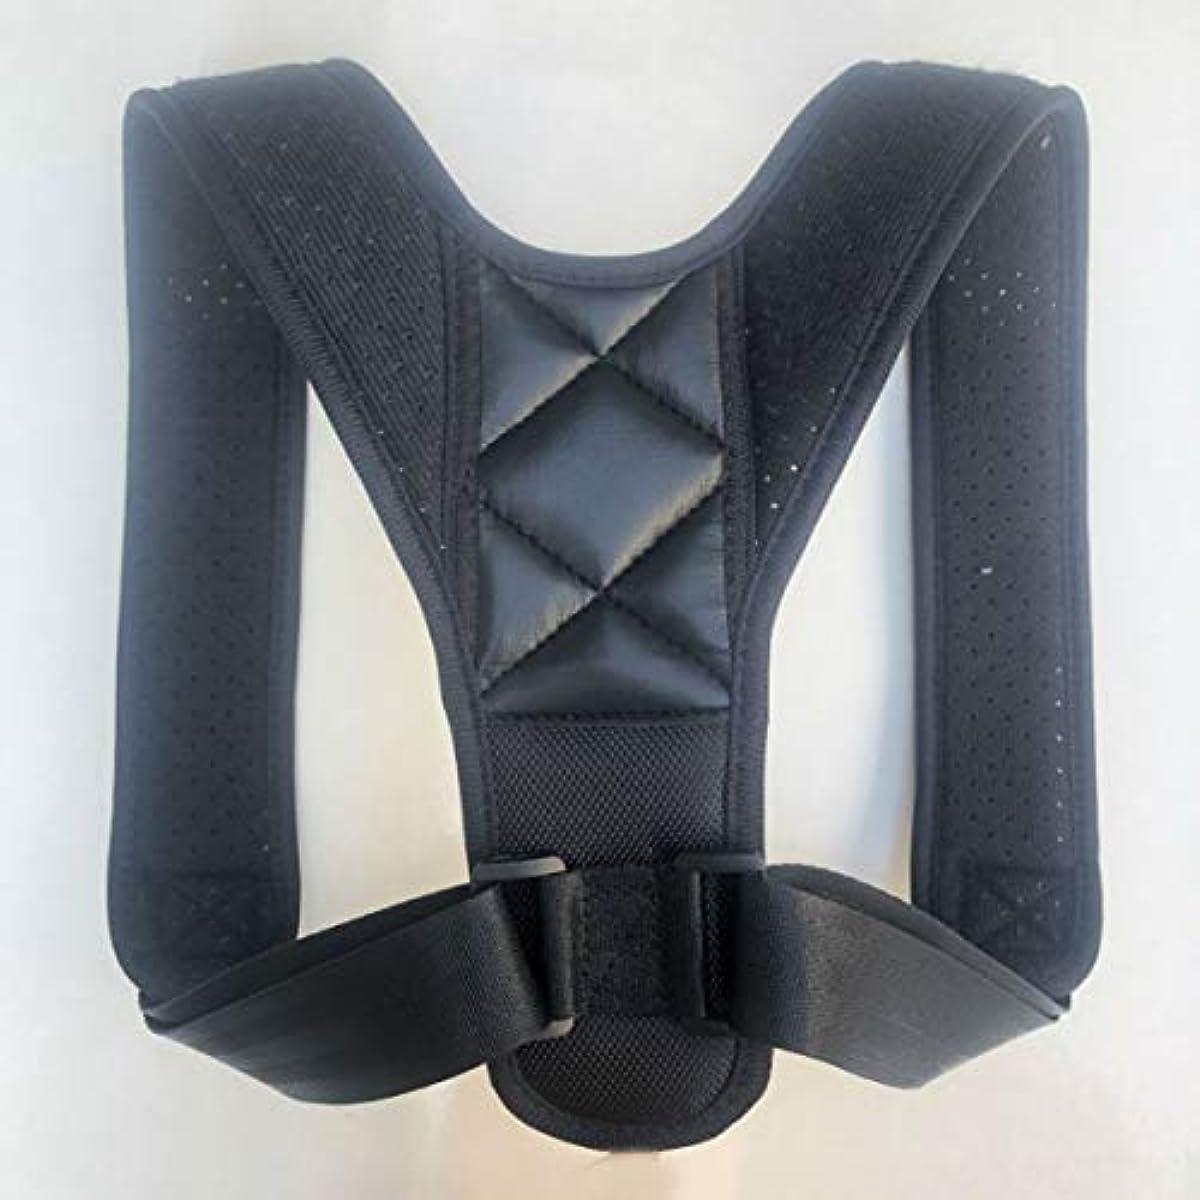 部族設計電池アッパーバックポスチャーコレクター姿勢鎖骨サポートコレクターバックストレートショルダーブレースストラップコレクター - ブラック